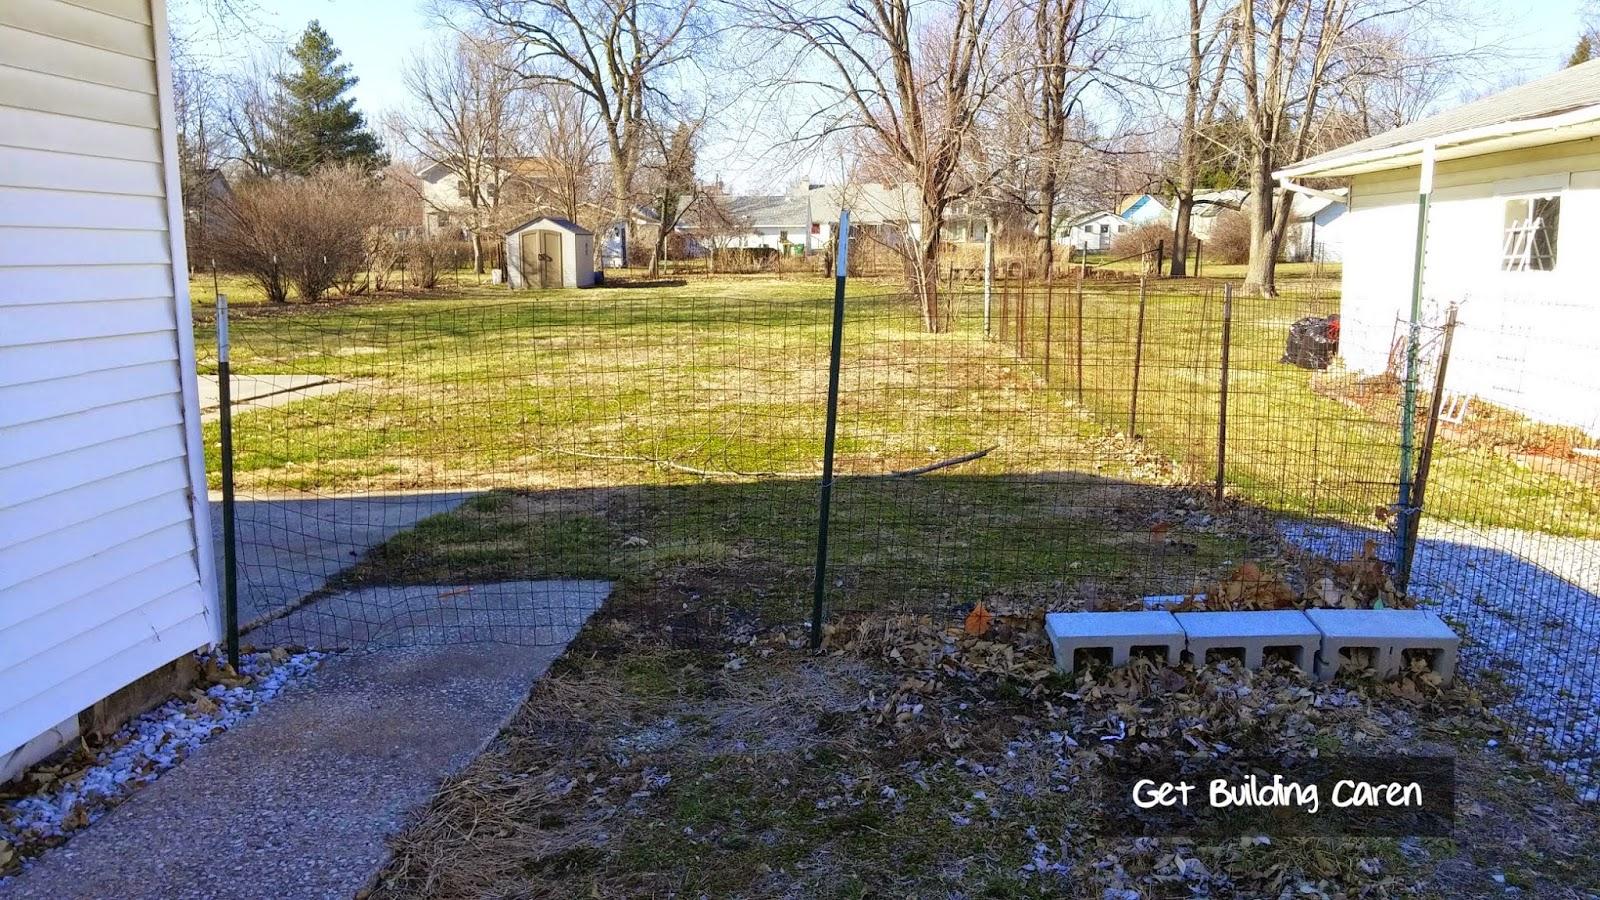 Get Building Caren Picket Fence Amp Gate